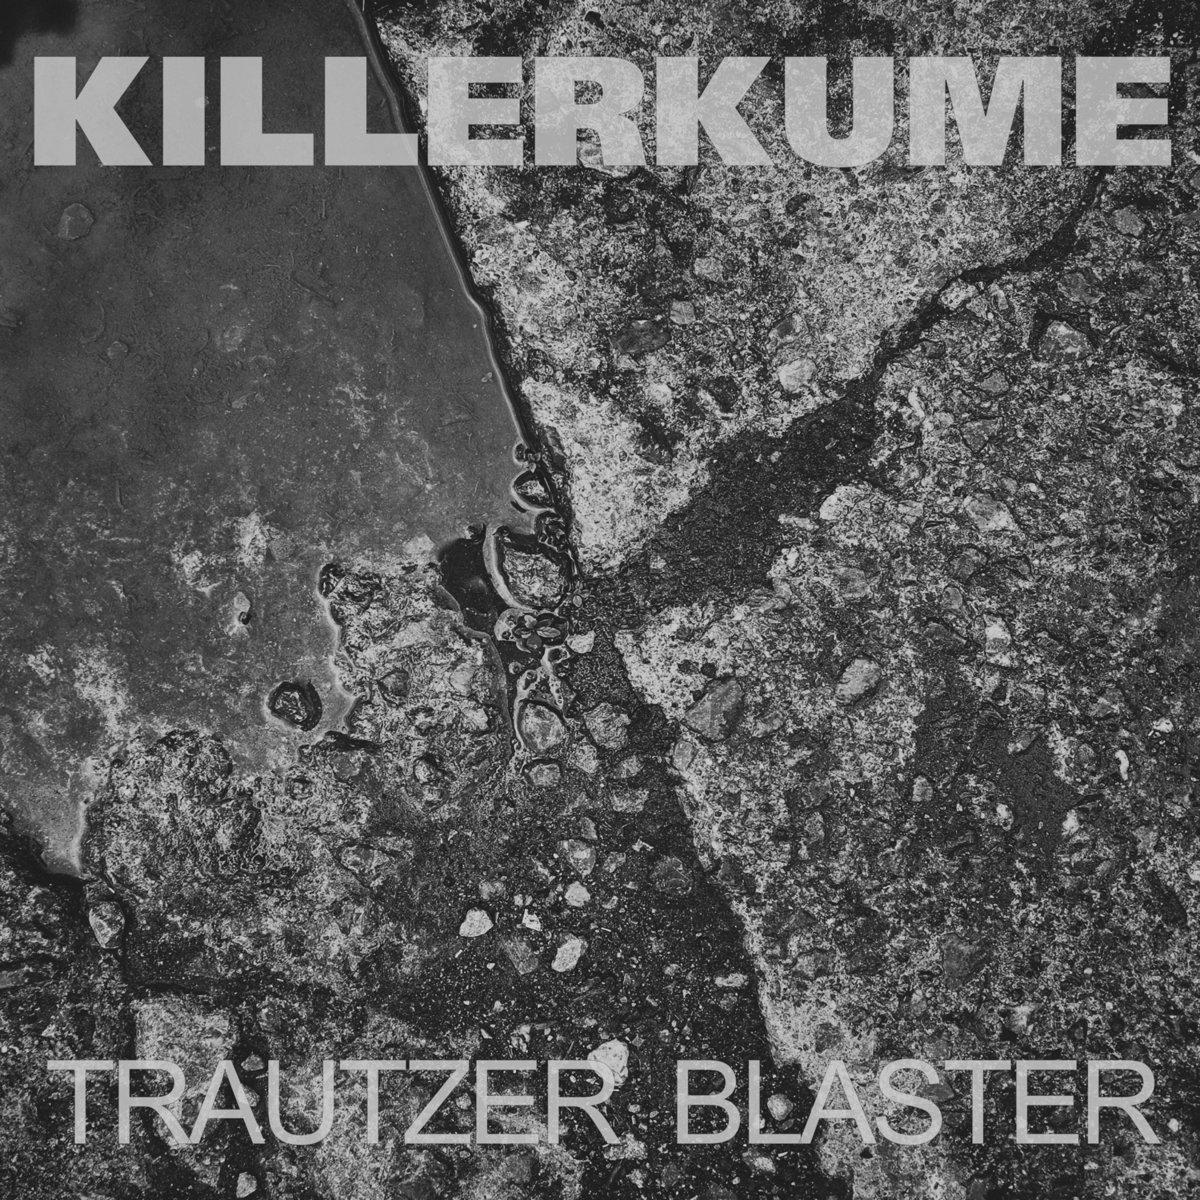 Killerkume